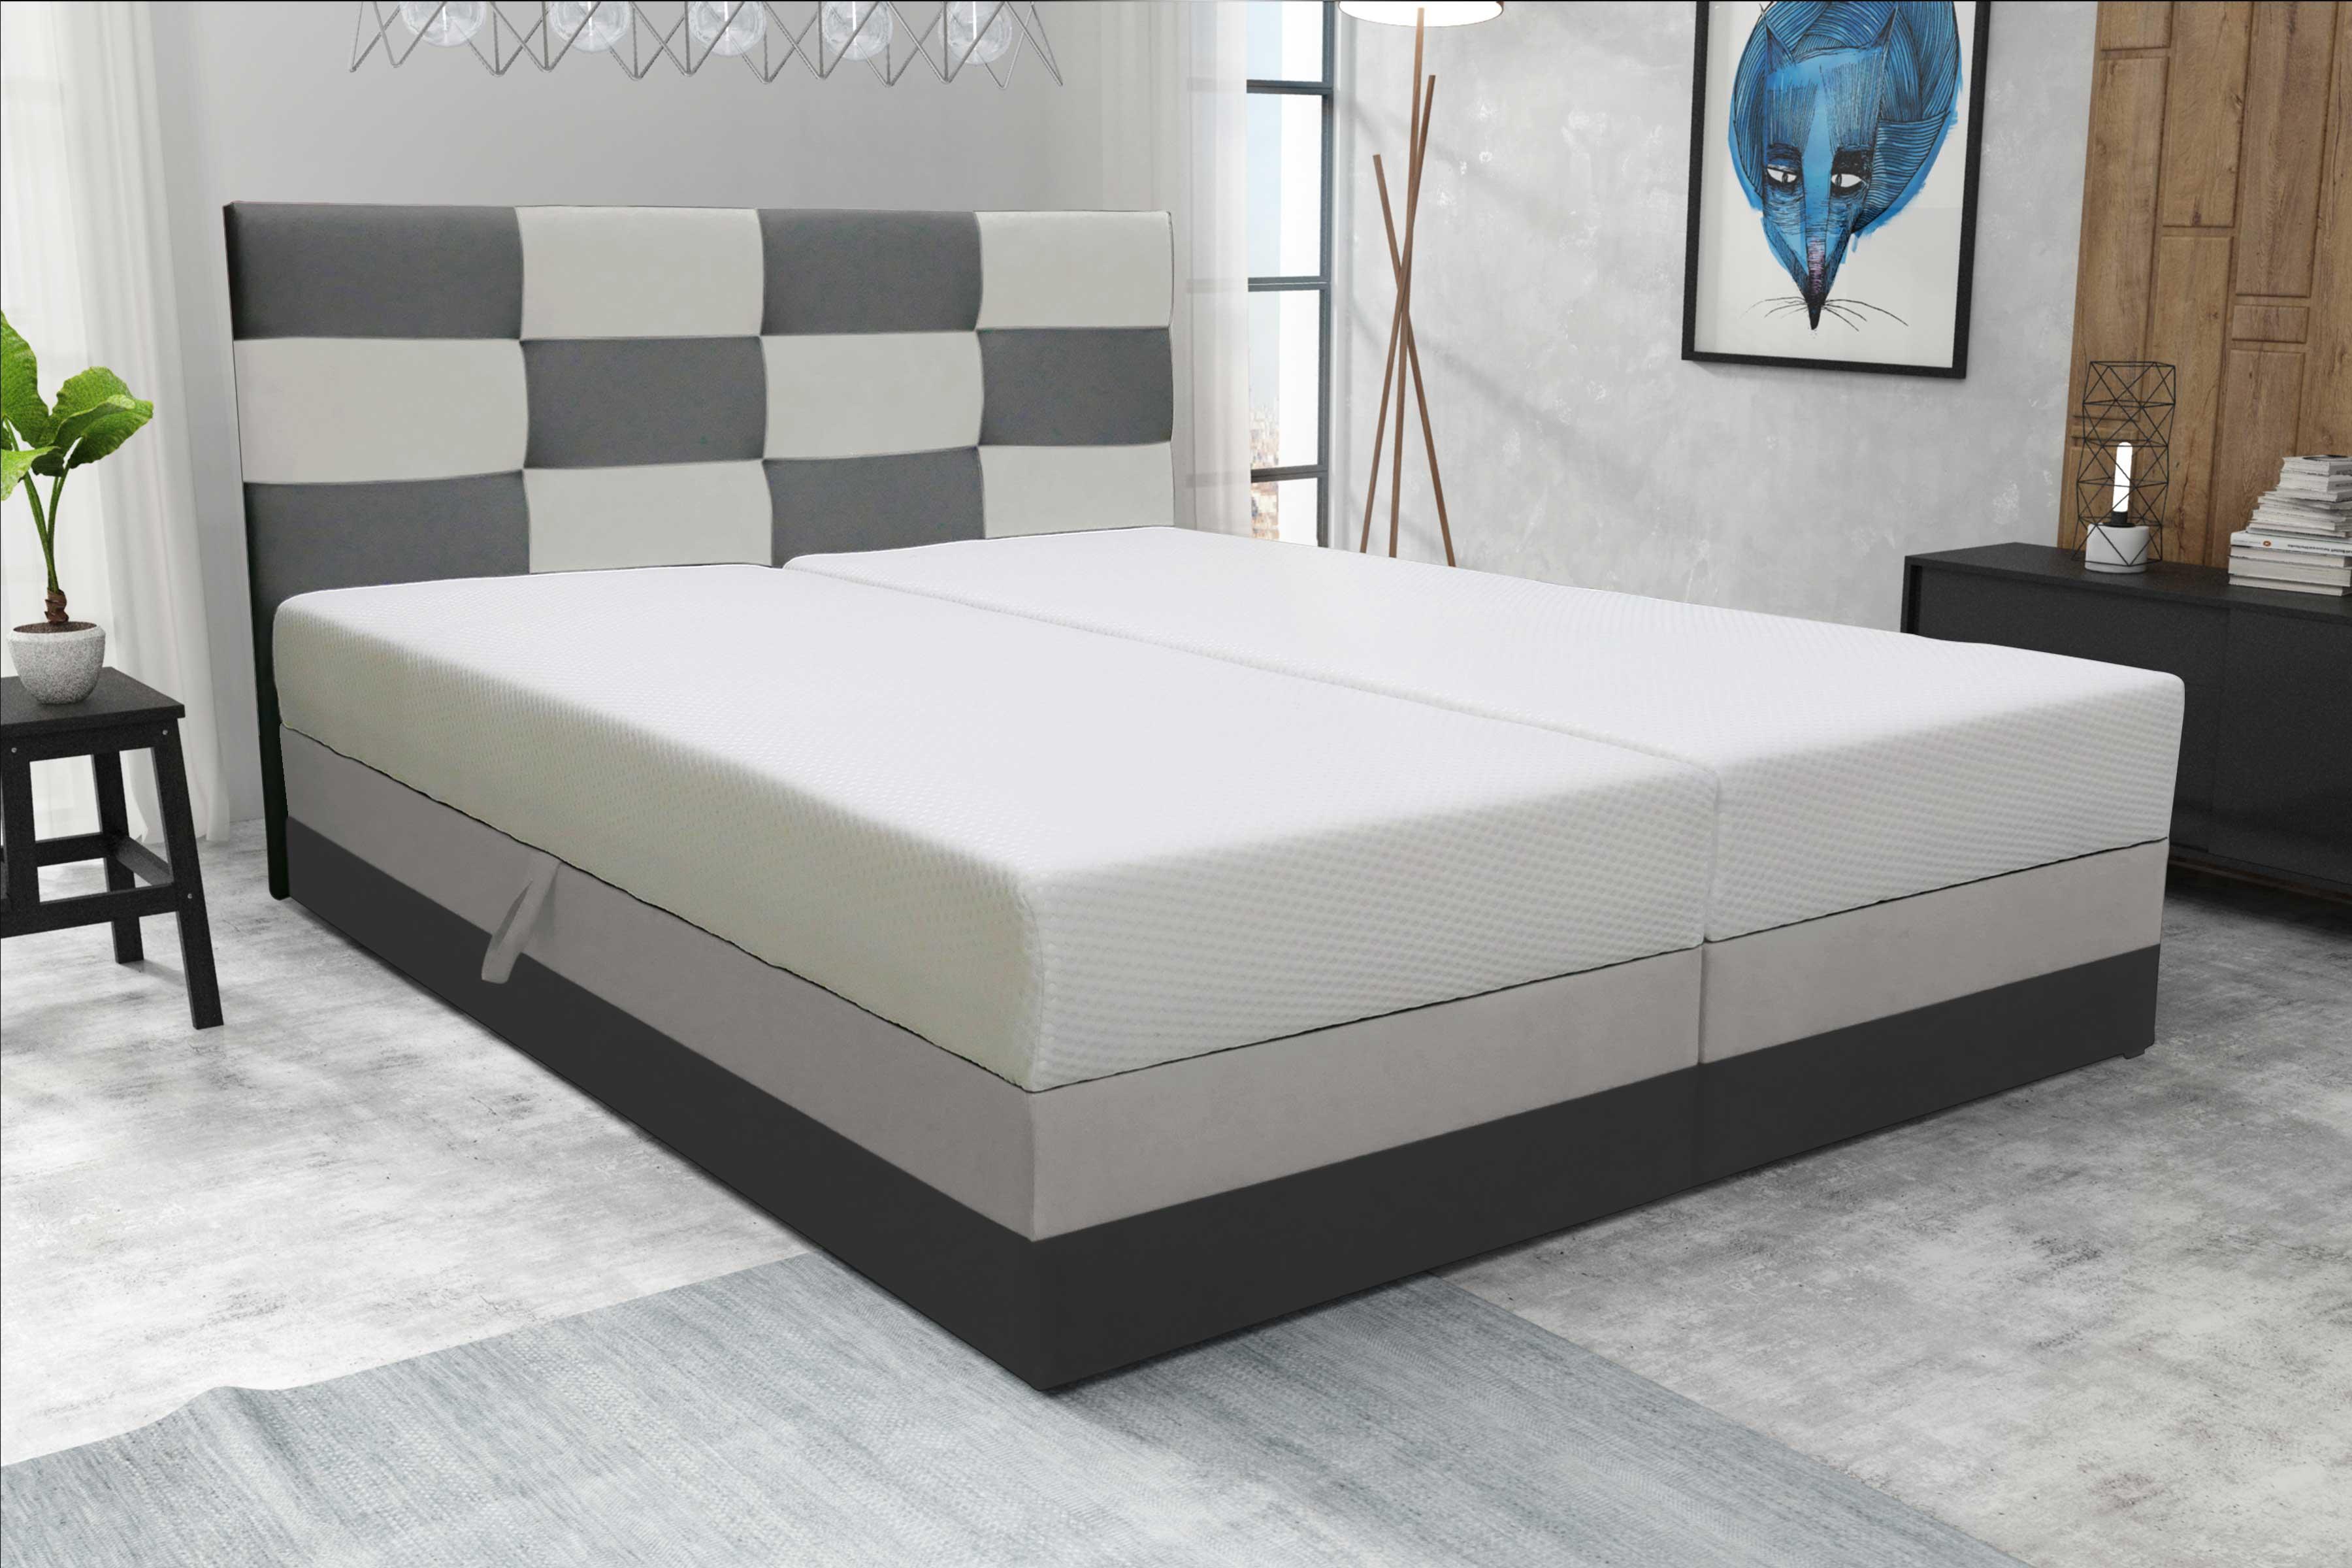 Manželská posteľ 180 cm - Marion (sivá + biela). Sme autorizovaný predajca Futura. Vlastná spoľahlivá doprava až k Vám domov.